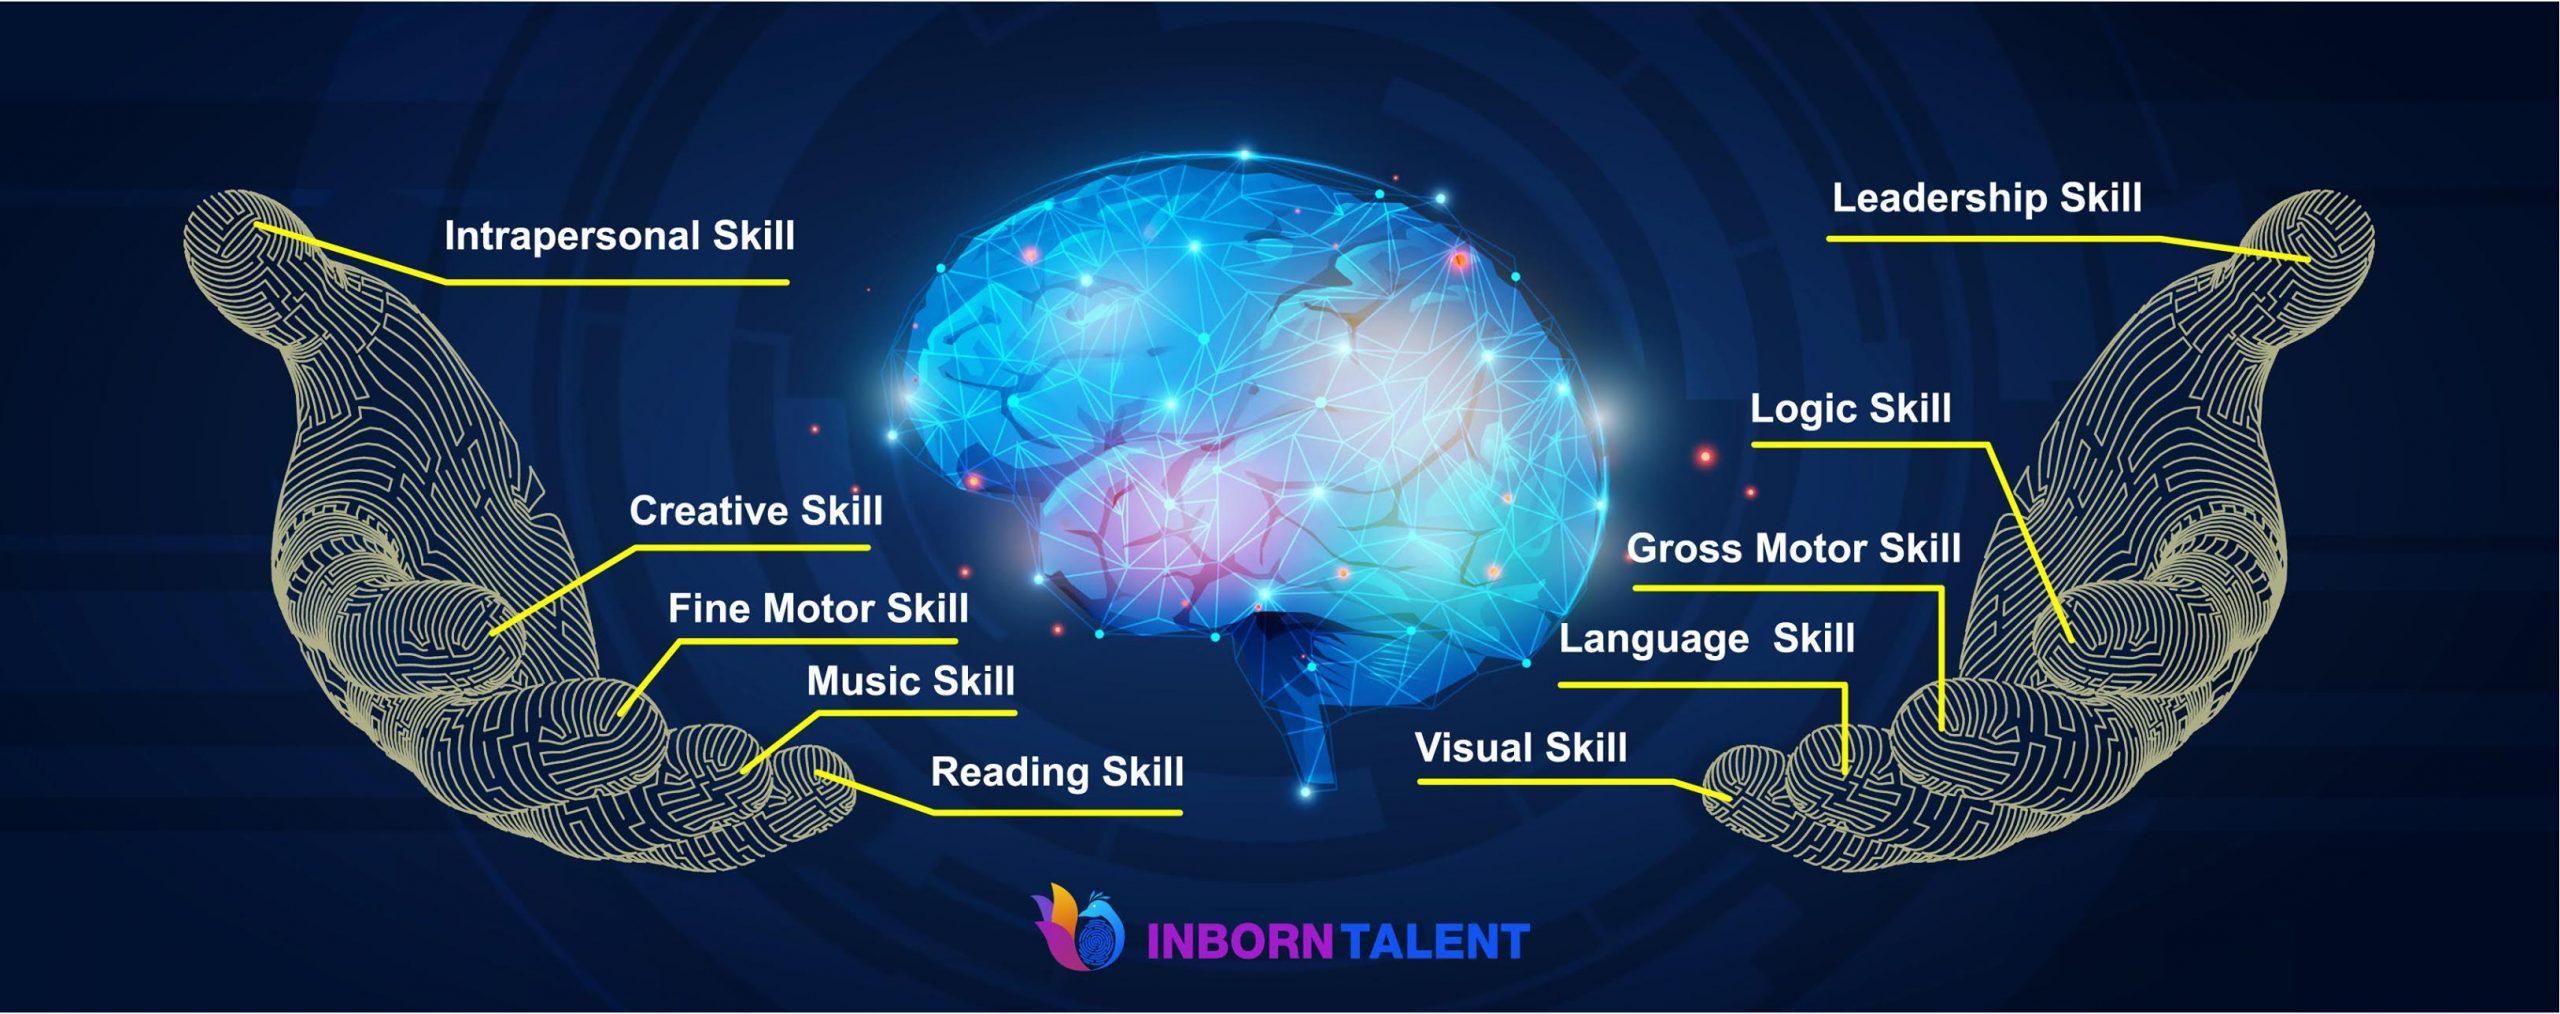 Inborn Talent